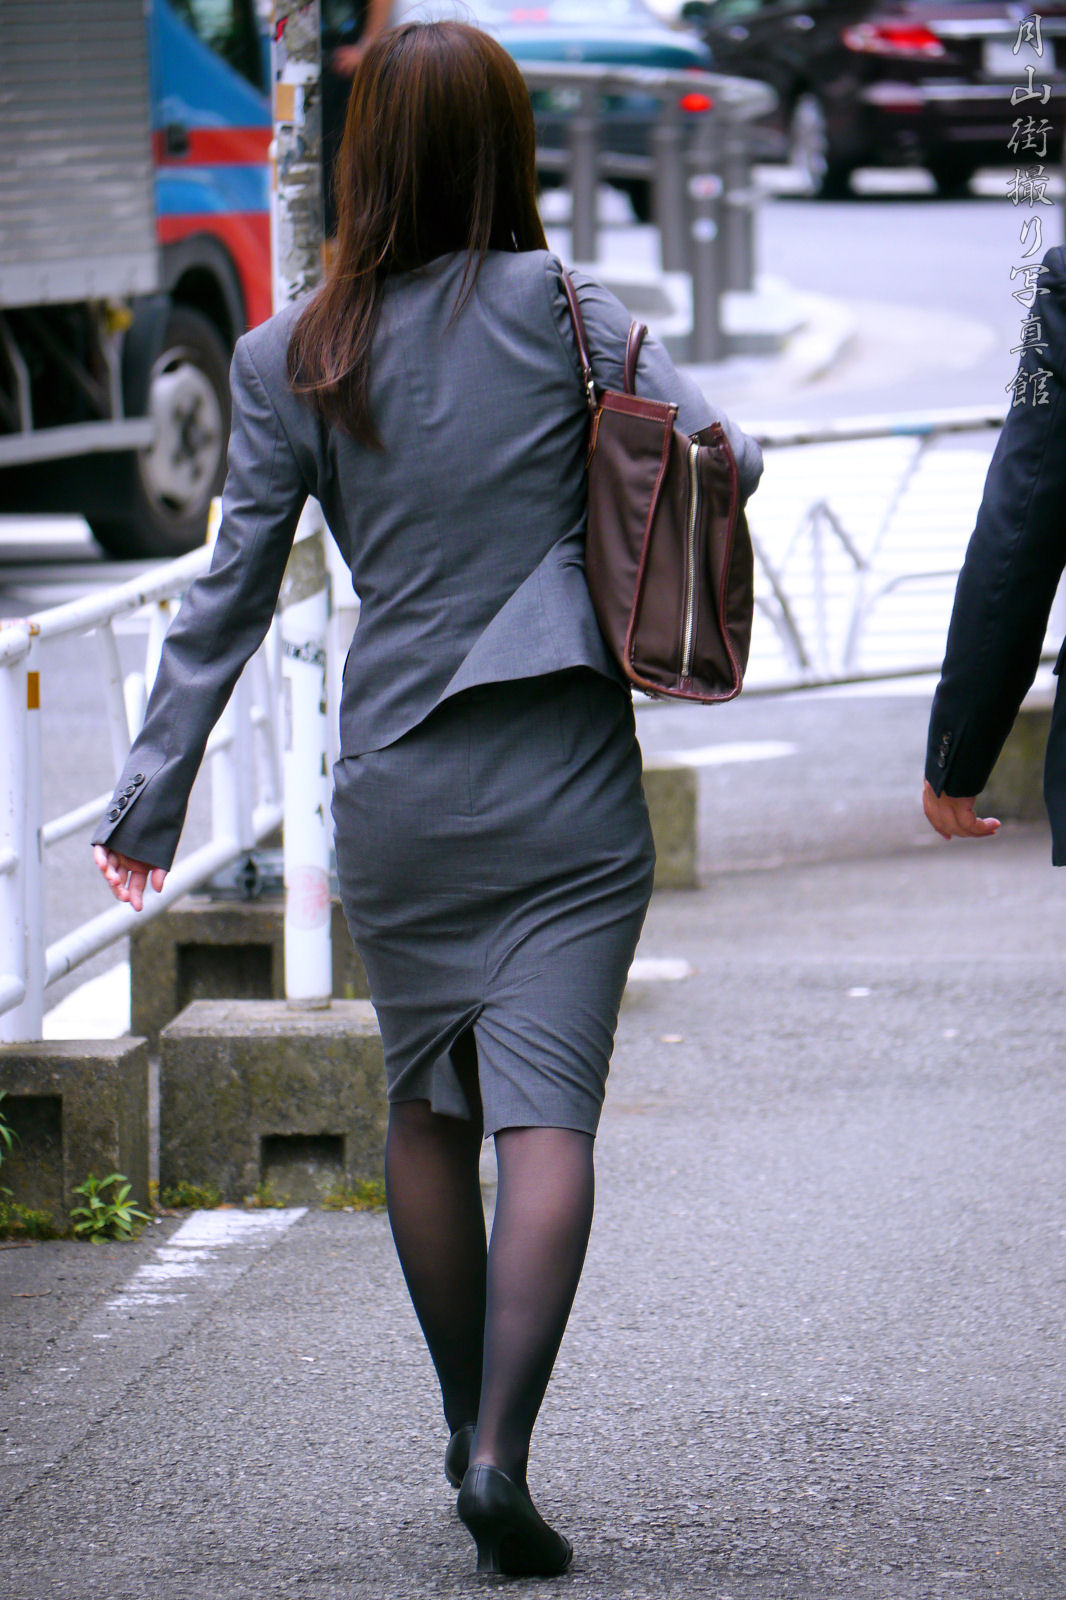 働くお姉さんのタイトスカートと黒パンスト姿がエロイ16枚目